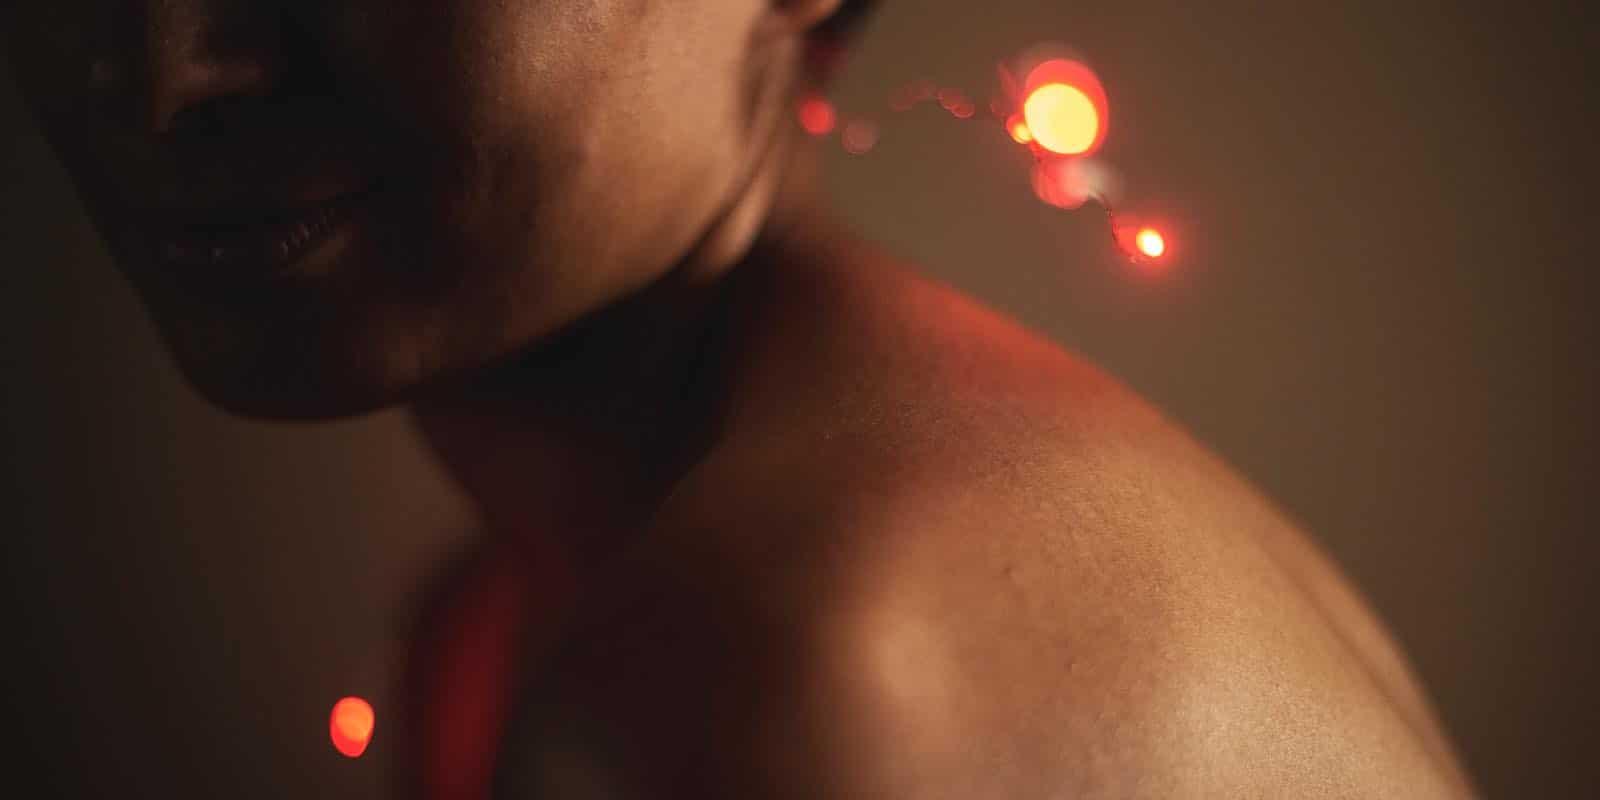 Publier des photos nue m'a réconciliée avec mon corps et ma sexualité